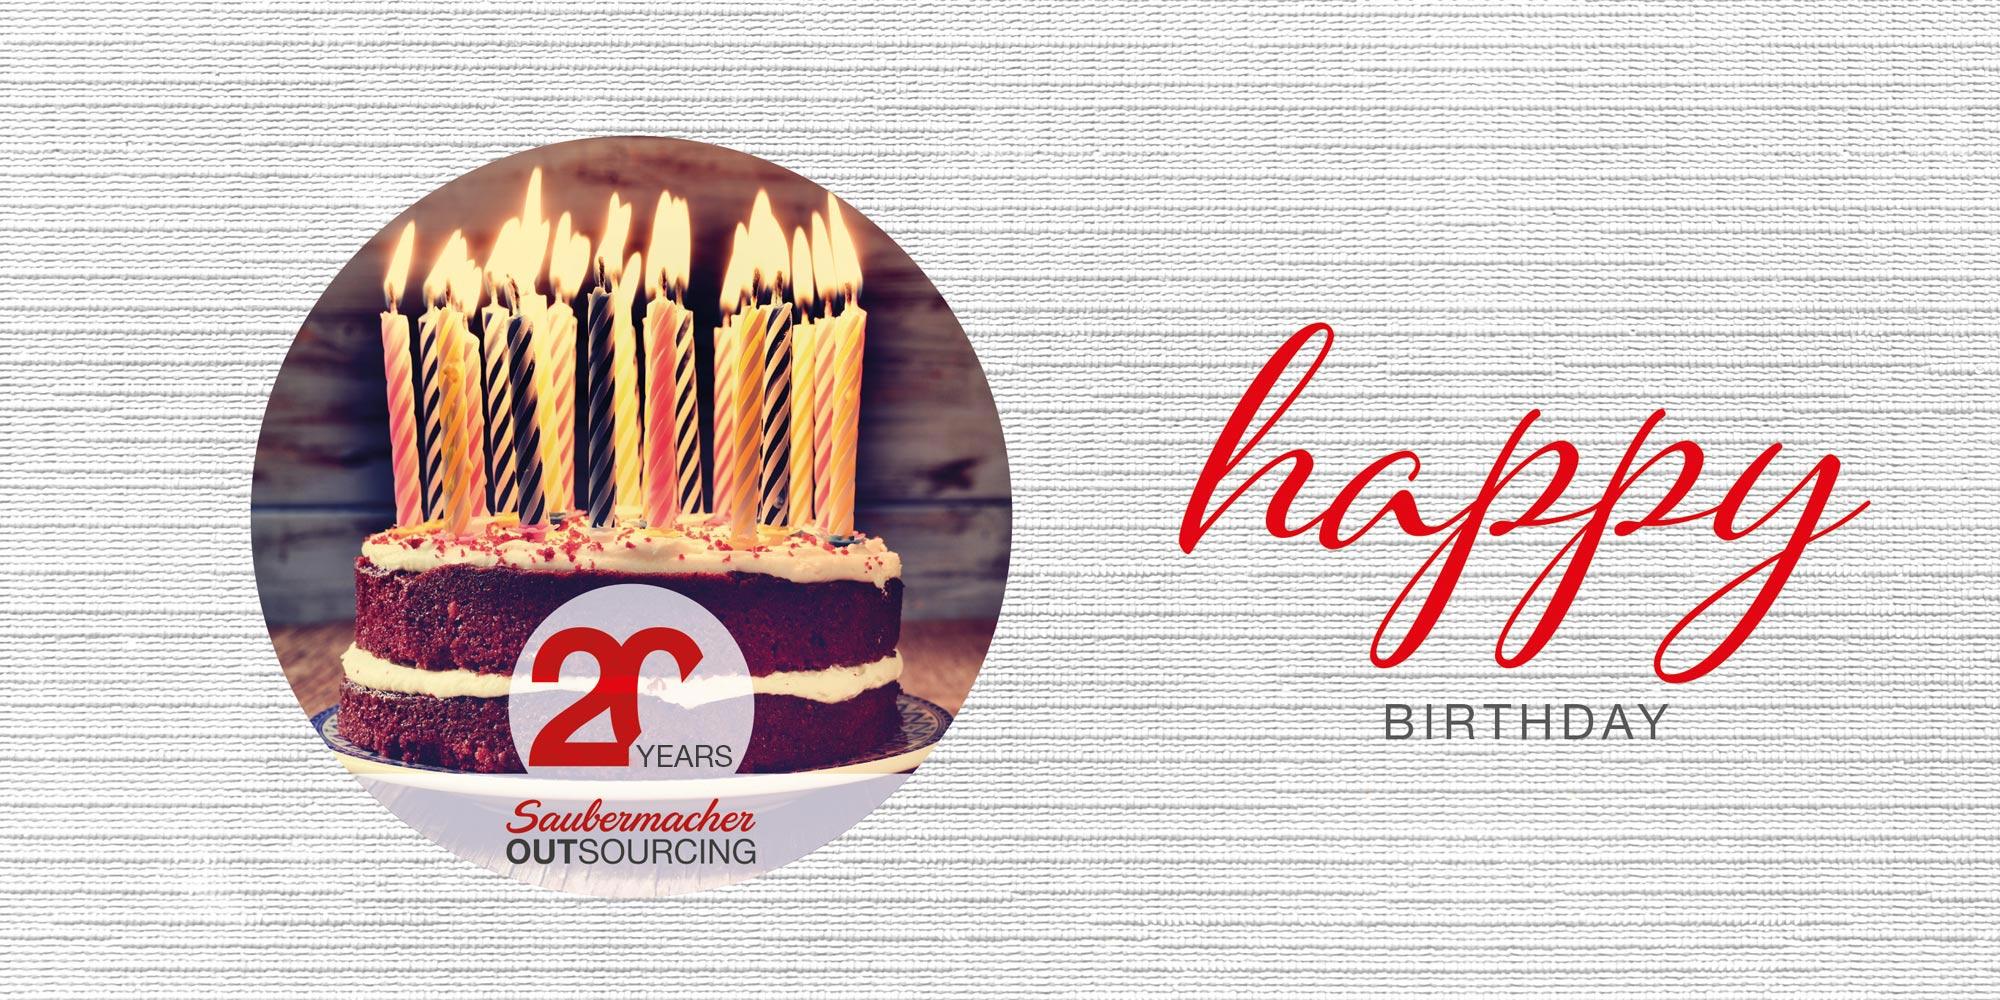 Saubermacher Outsourcing celebrates its twentieth anniversary